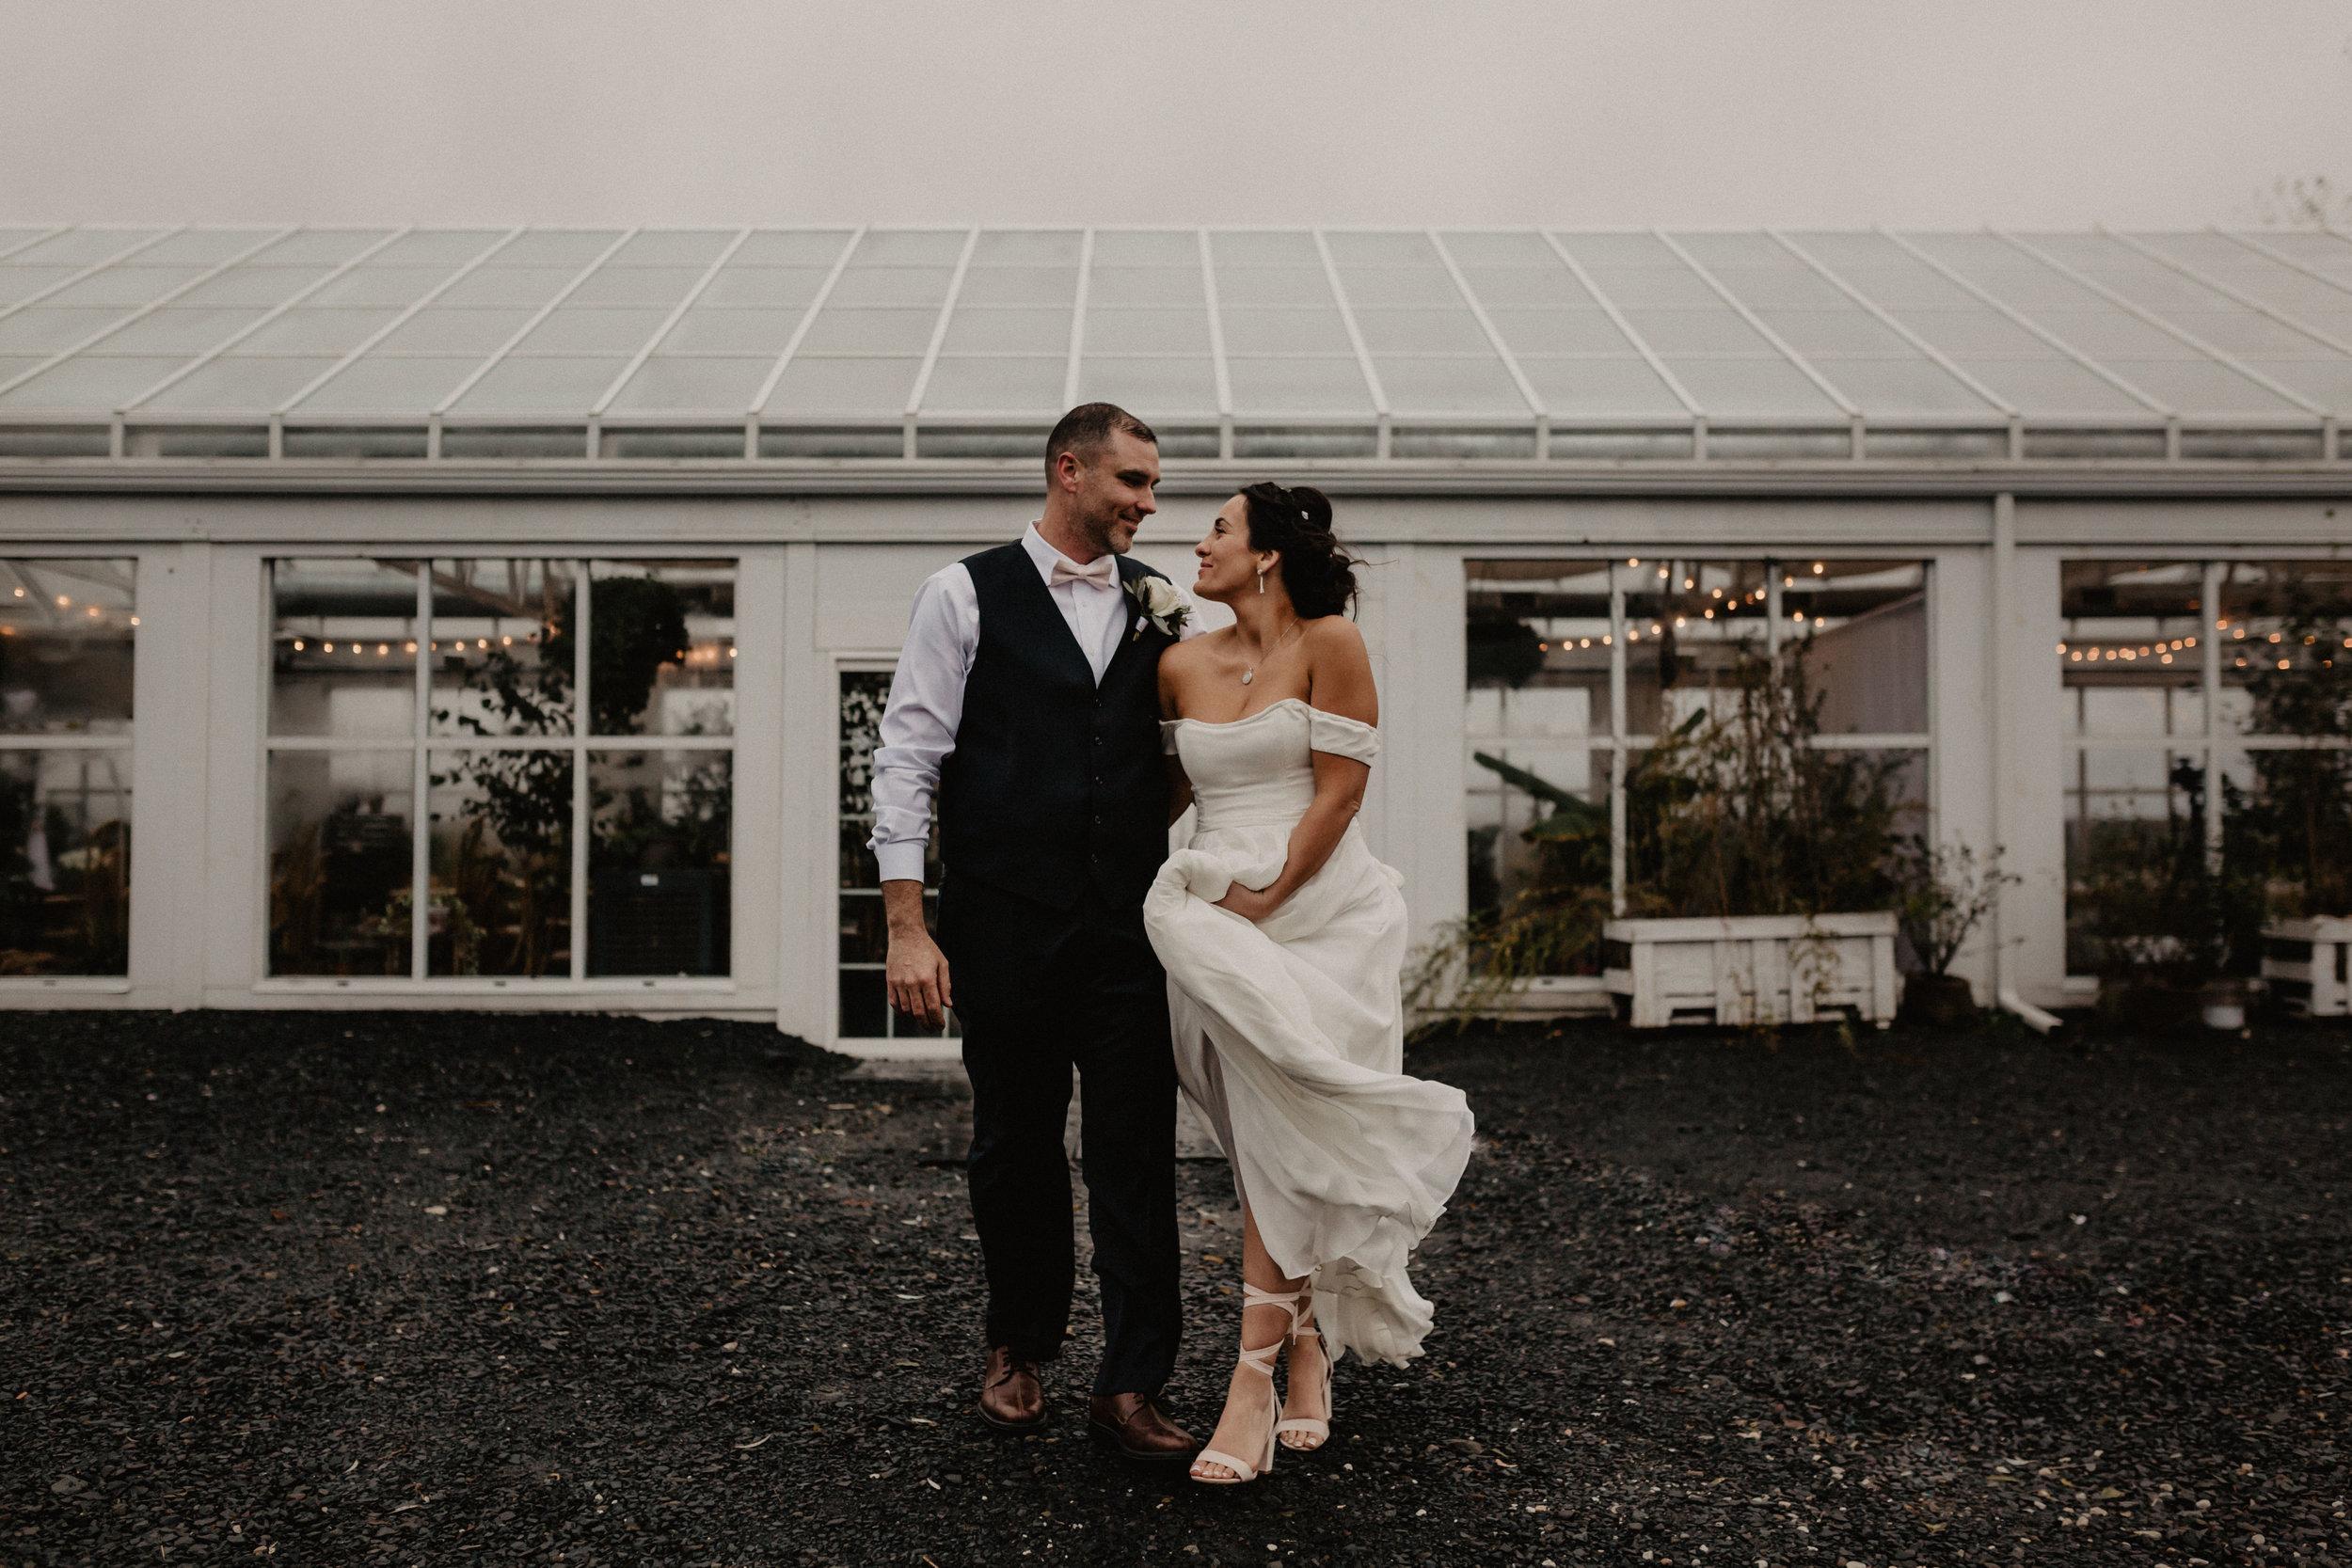 audreys_farmhouse_wedding_068.jpg